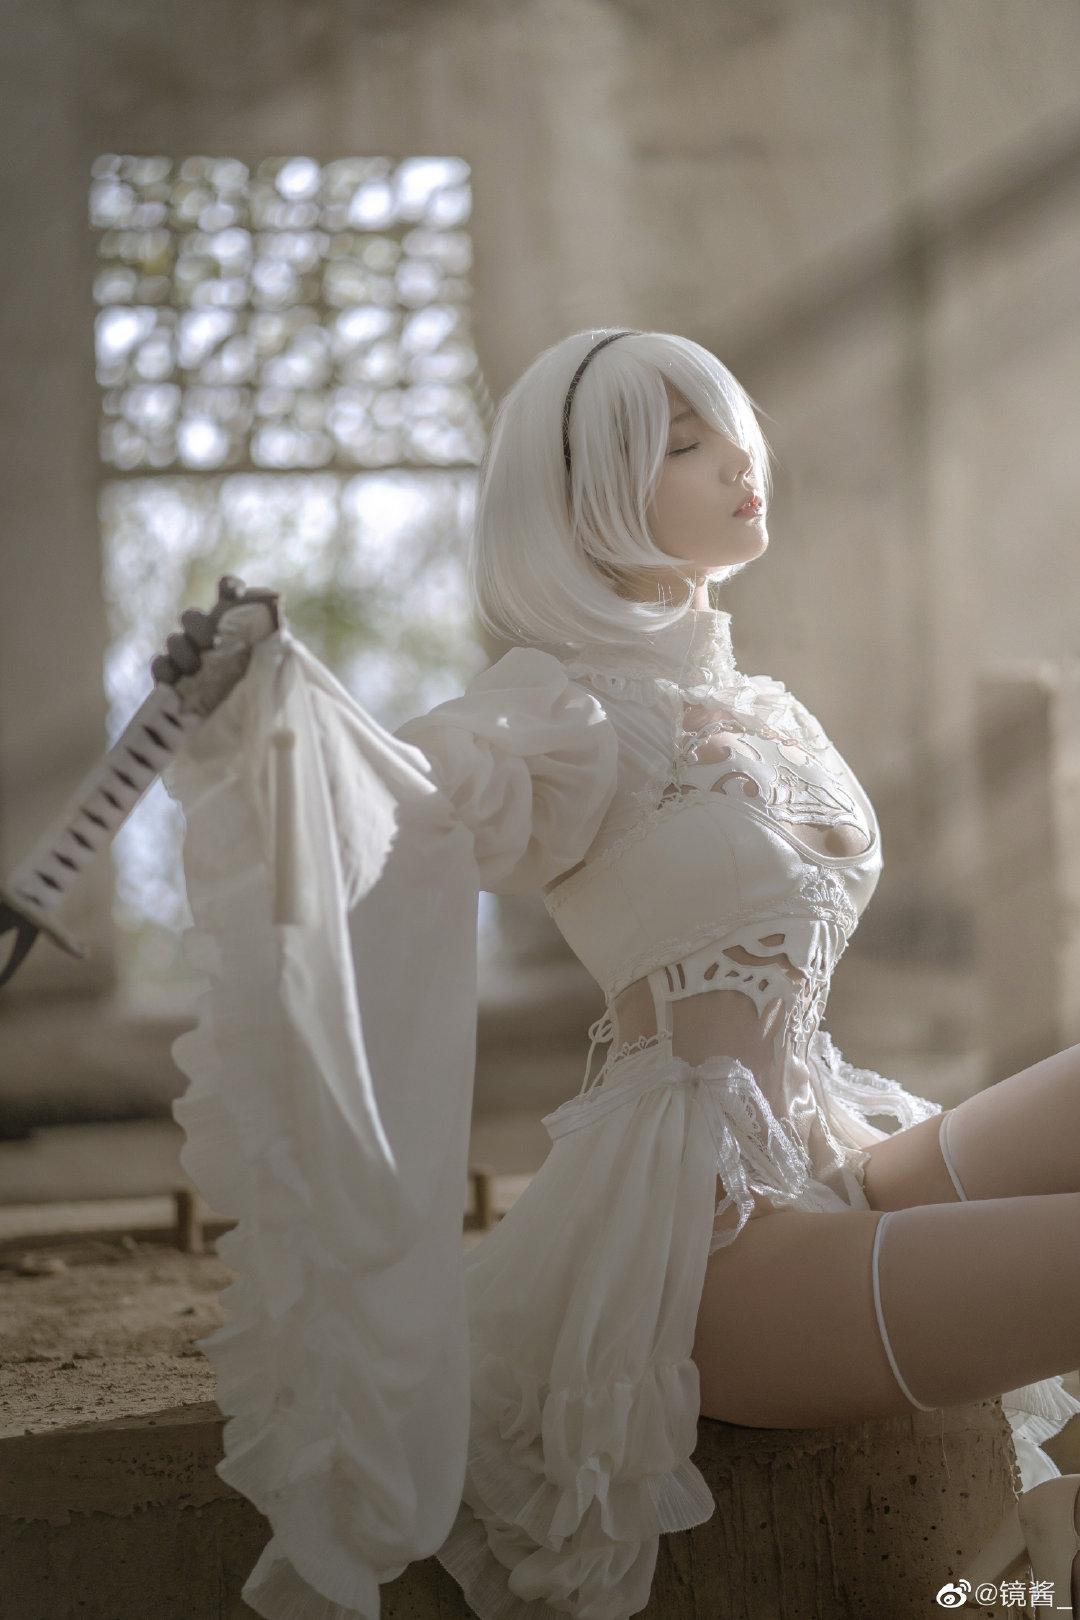 [COS]镜酱 #尼尔:机械纪元#2b白色婚纱 COSPLAY-第7张